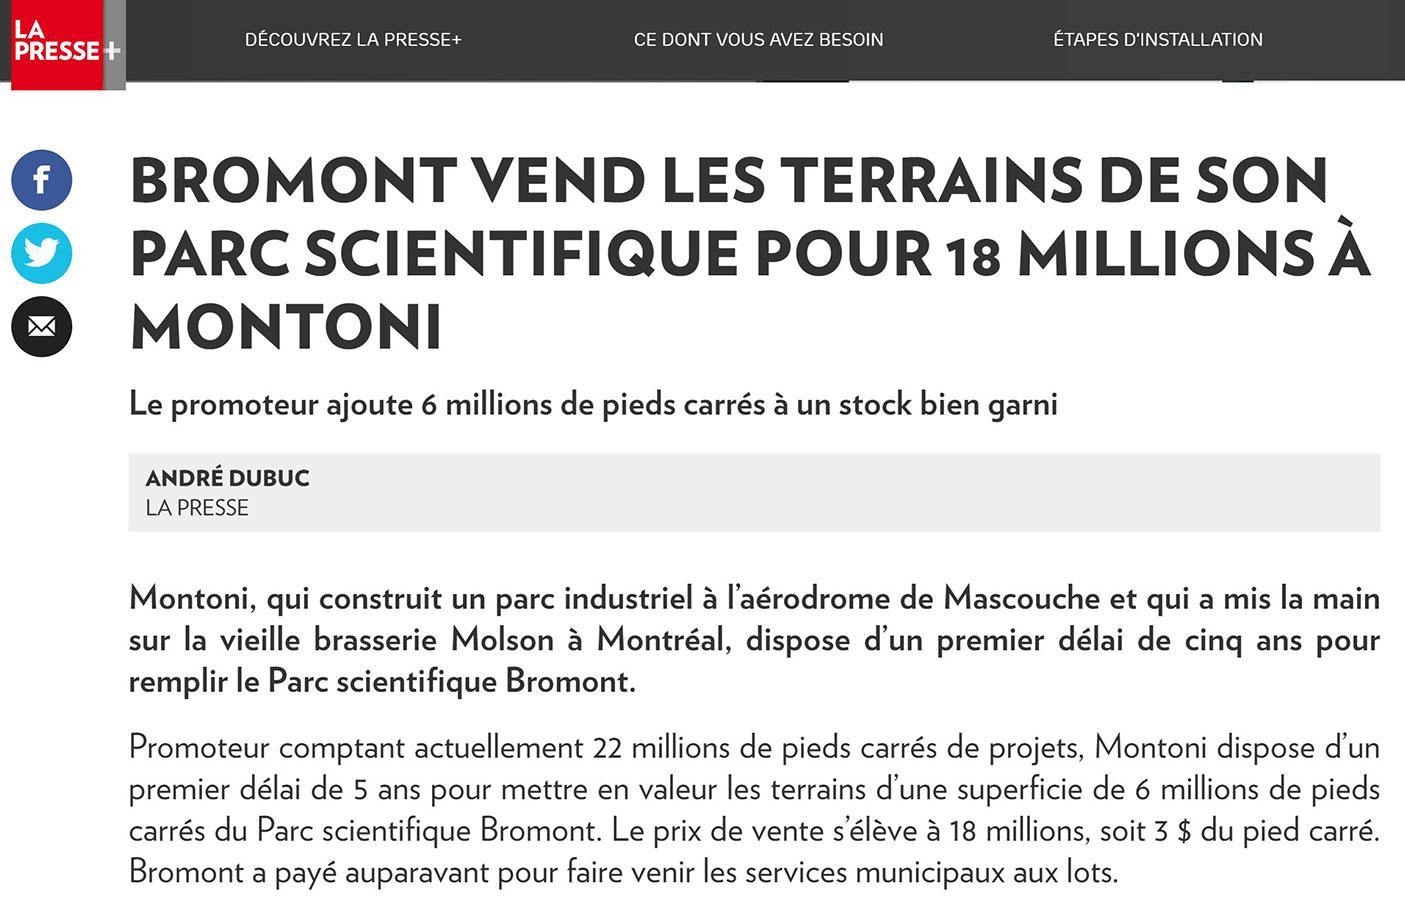 Bromond vend les terrains de son parc scientifique pour 18 mllions à MONTONI